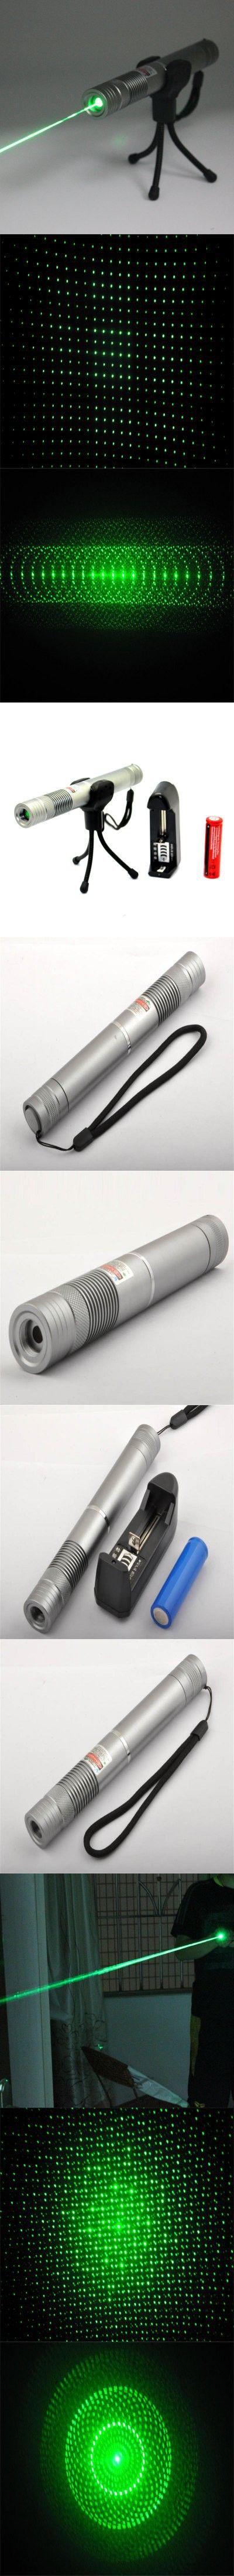 Laser Pointer | LT - HJG0087 Zooming Laser Pointer Set